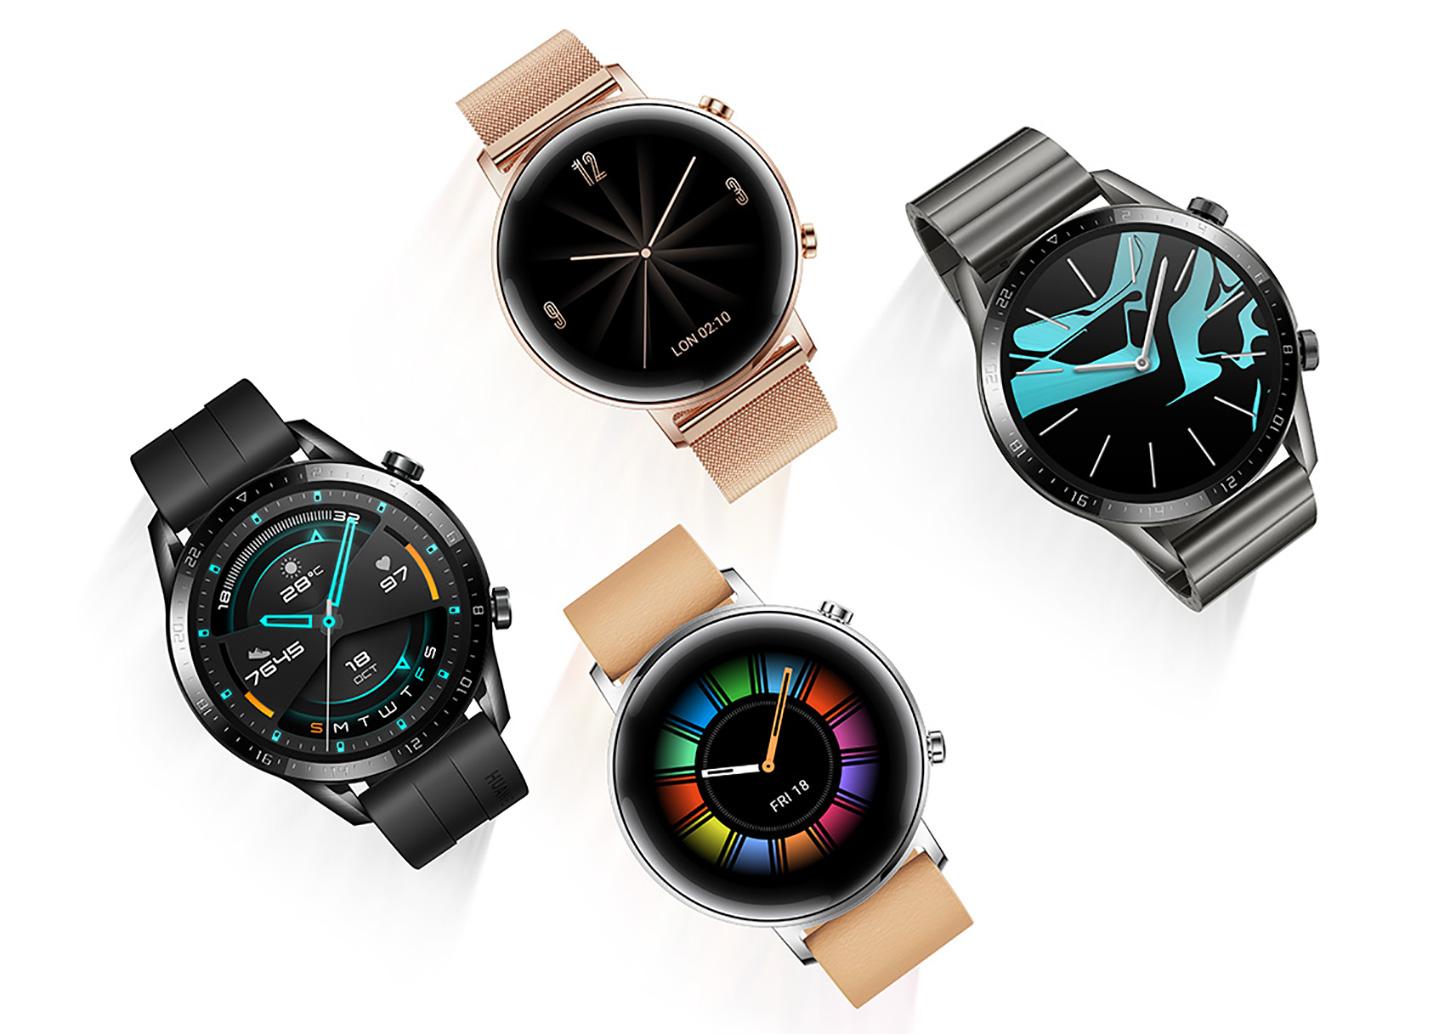 huawei watch gt vs huawei watch 2